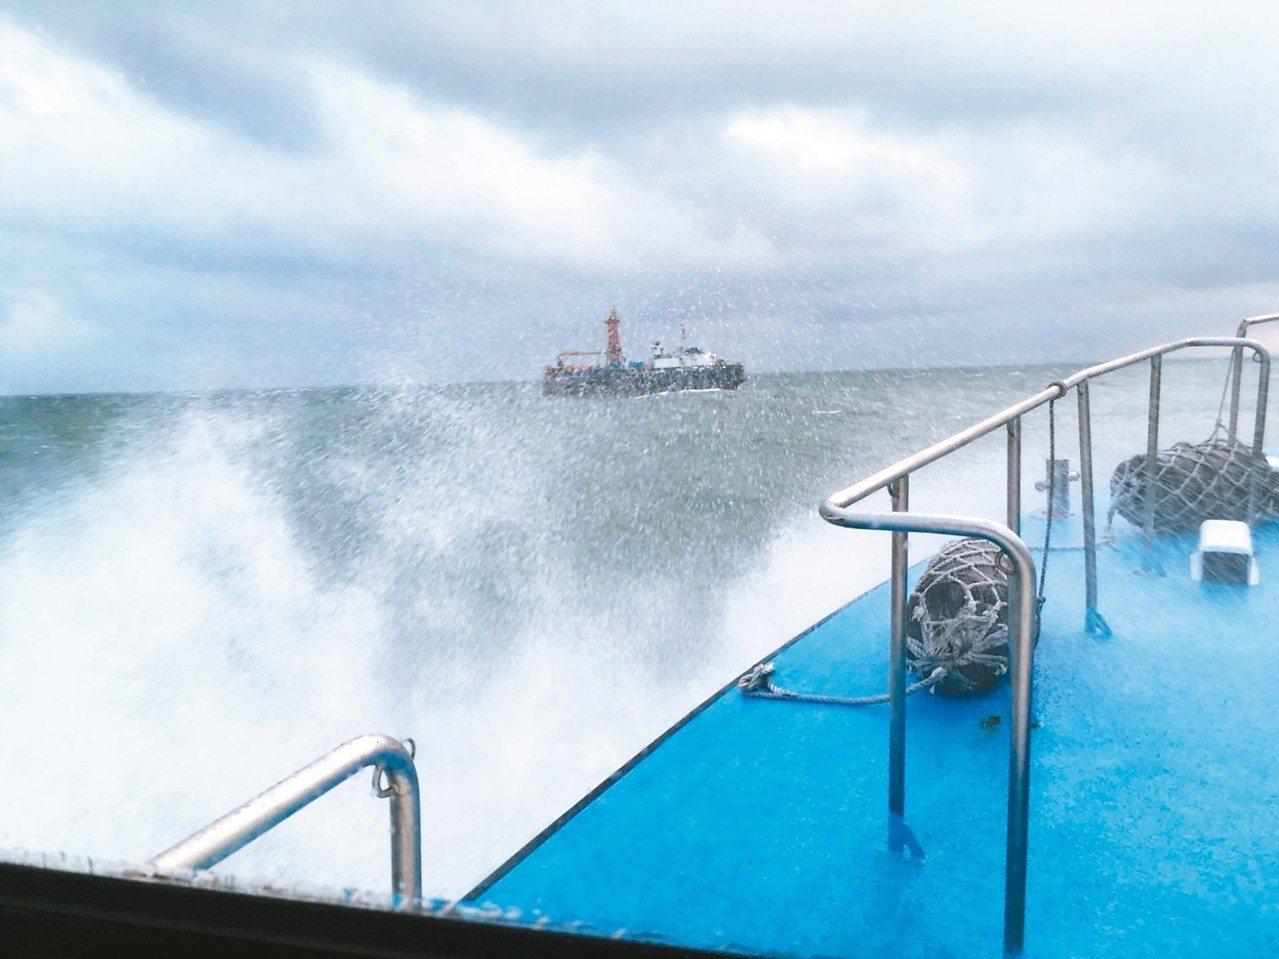 海巡署巡防艇冒著大浪,前進故障的工作船,驚險救人。 記者謝恩得/翻攝